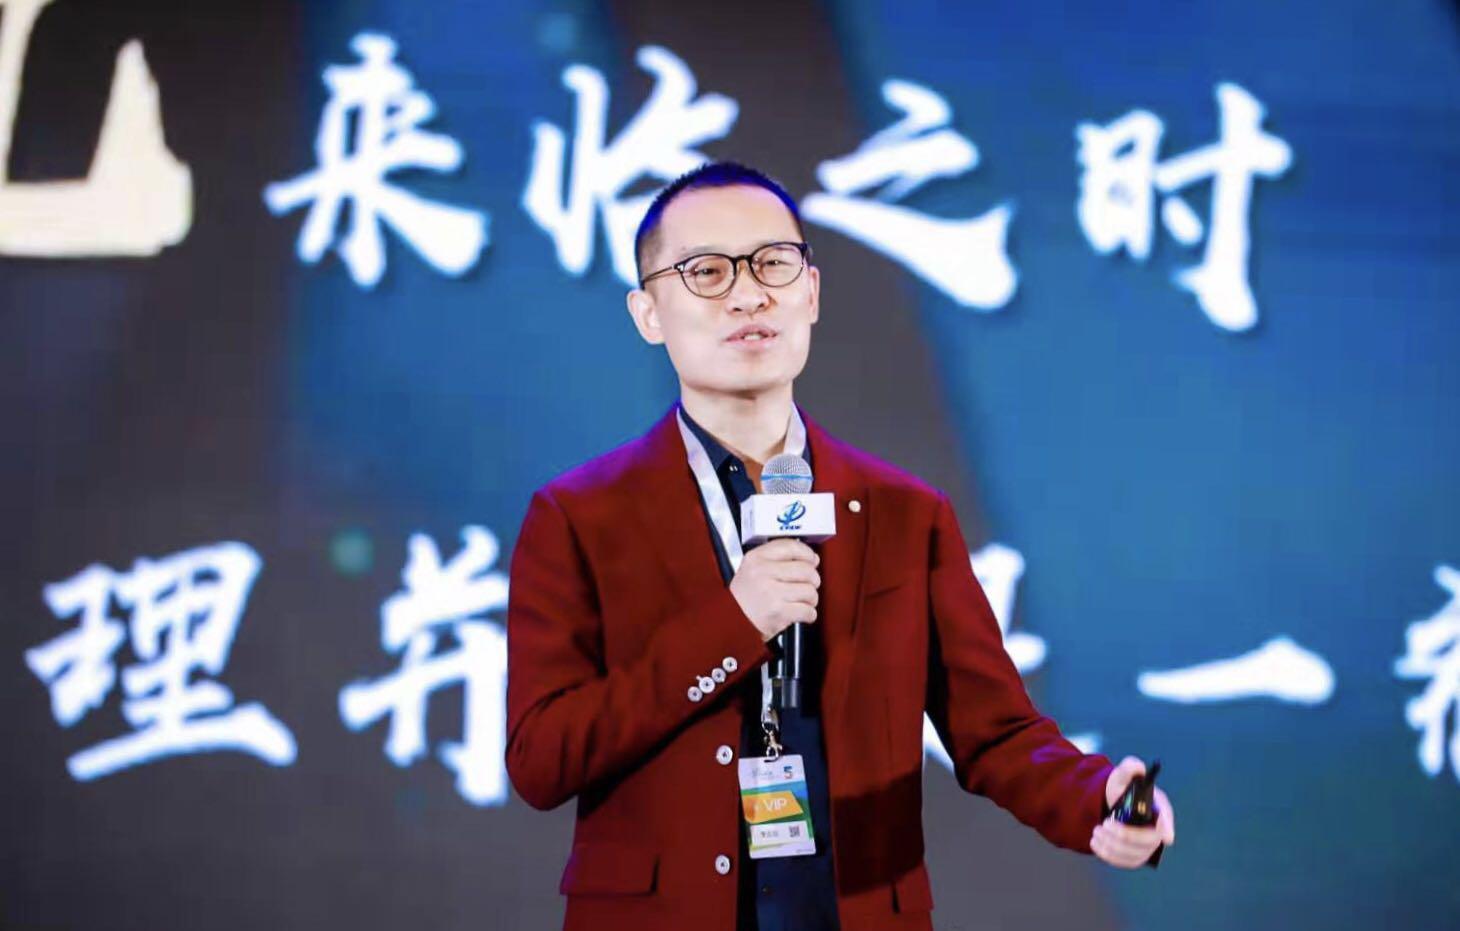 大搜车李志远:二手车市场迎拐点行业需内部调整升级